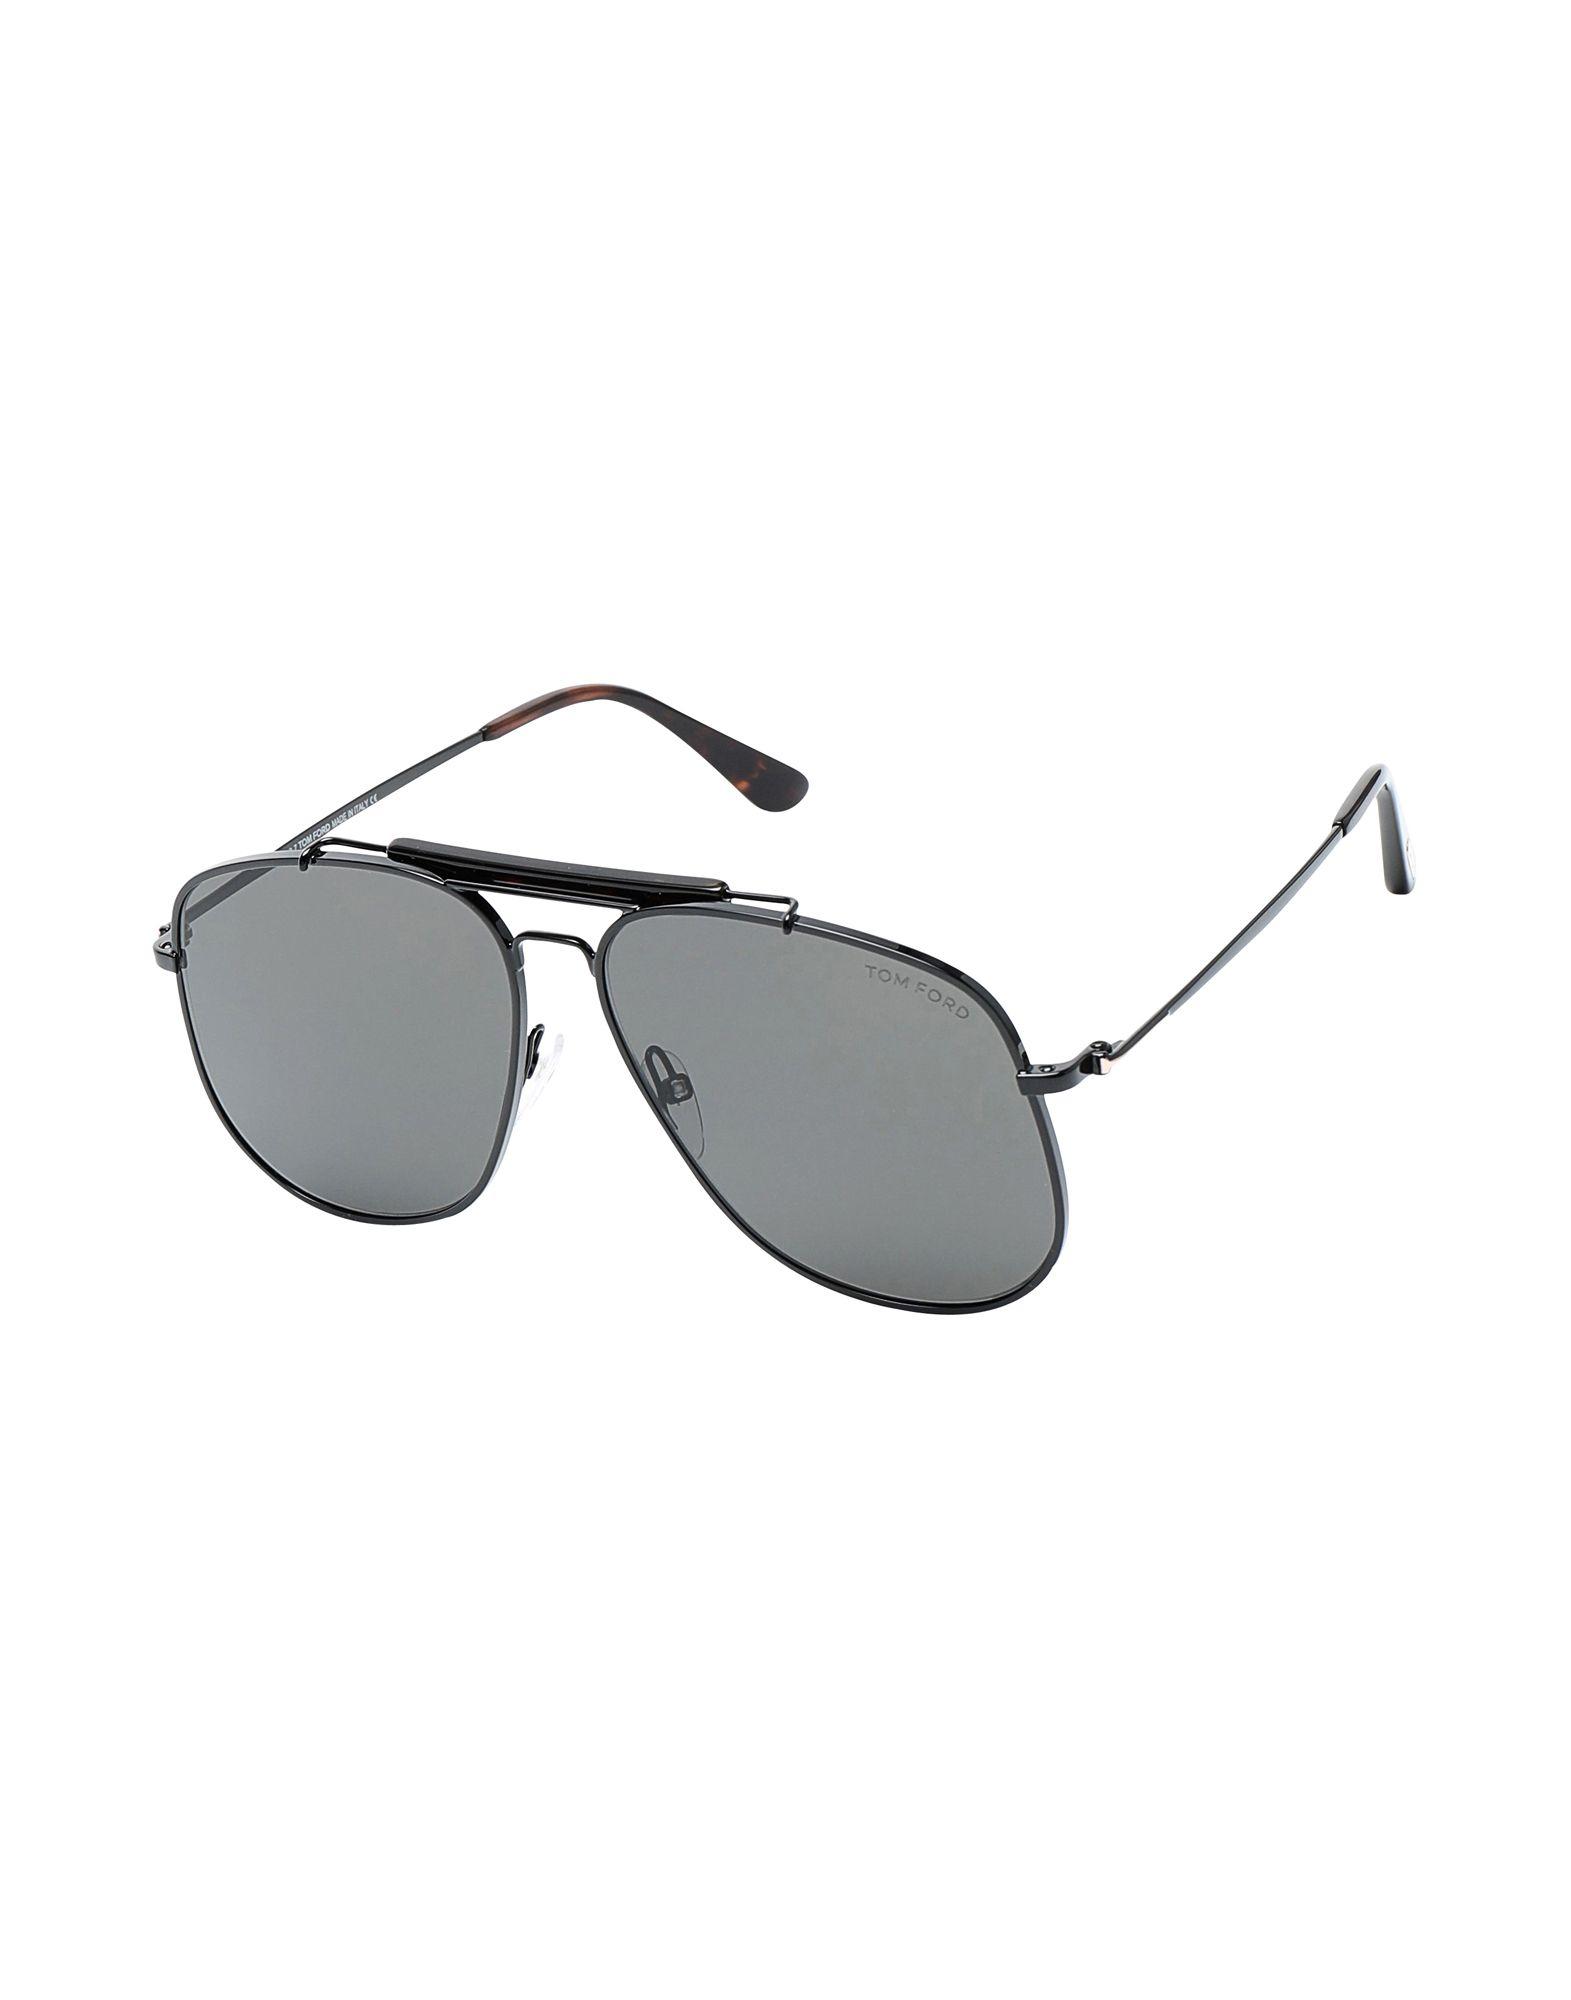 Ft0557 - Солнцезащитные Очки Для Мужчин от Tom Ford - YOOX Россия c954a0b01f6